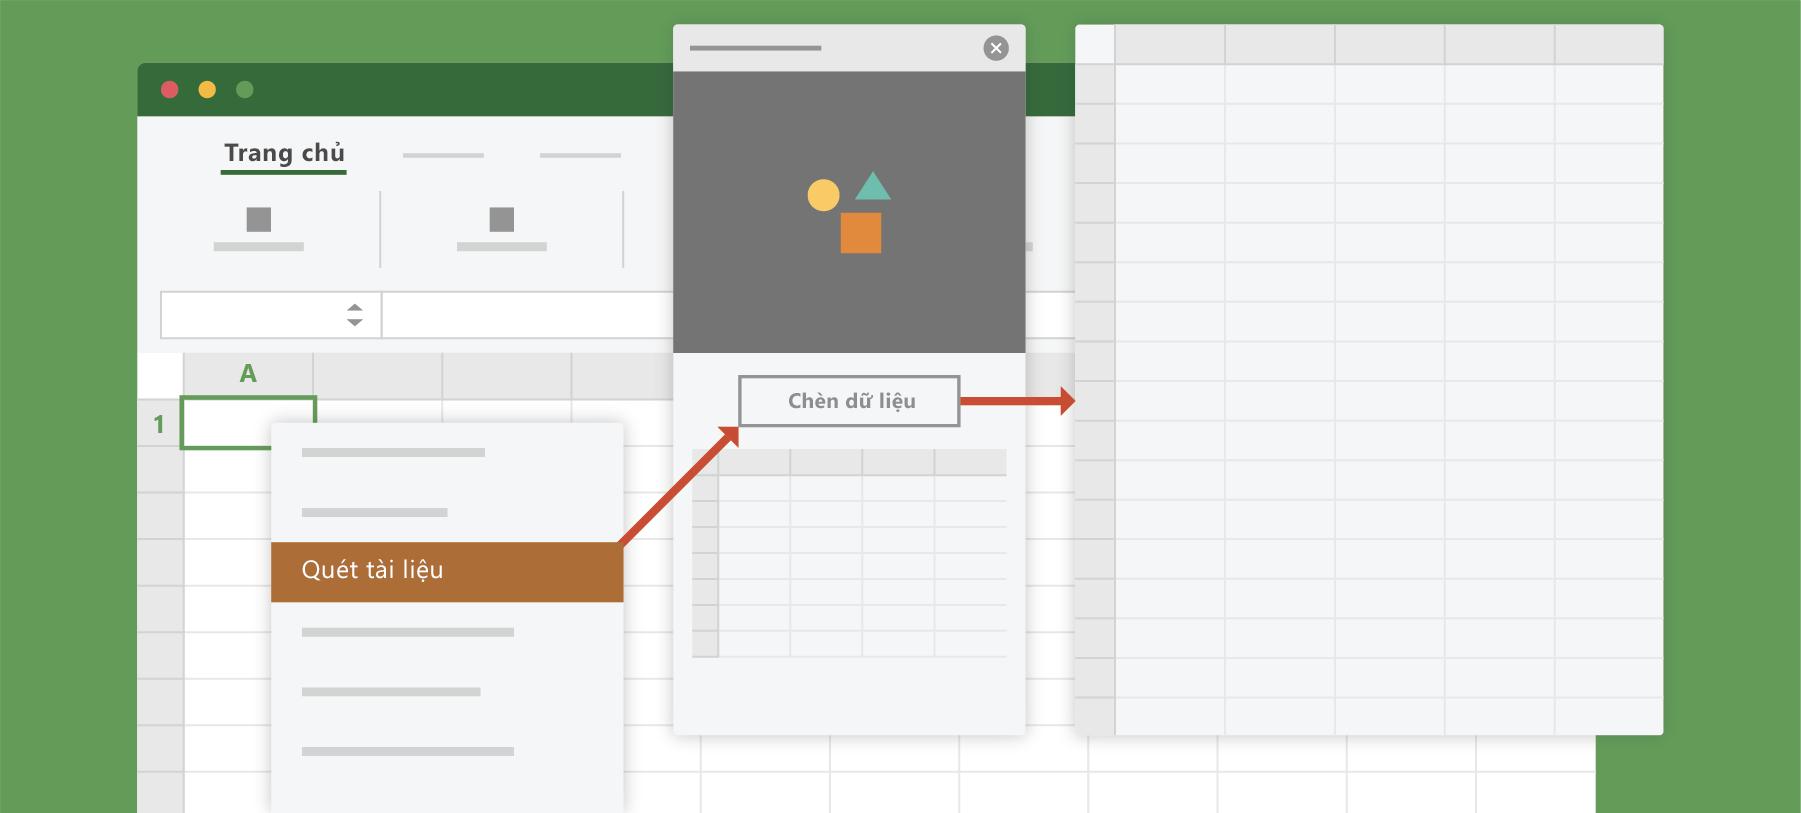 Hiển thị tùy chọn quét tài liệu trong Excel